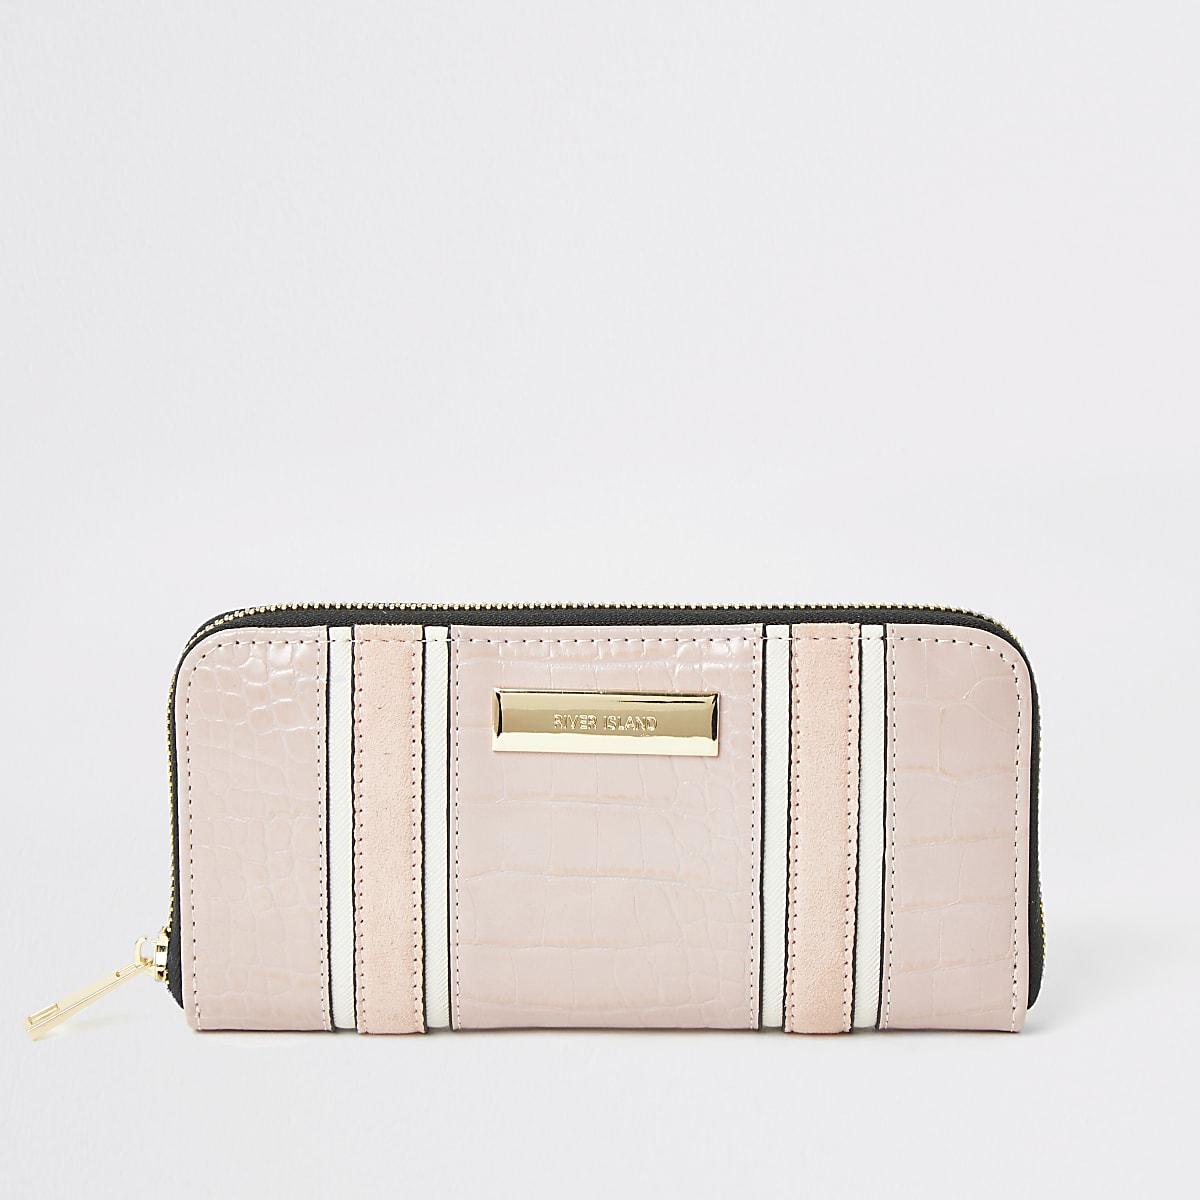 Roze portemonnee met rits rondom en krokodillenprint